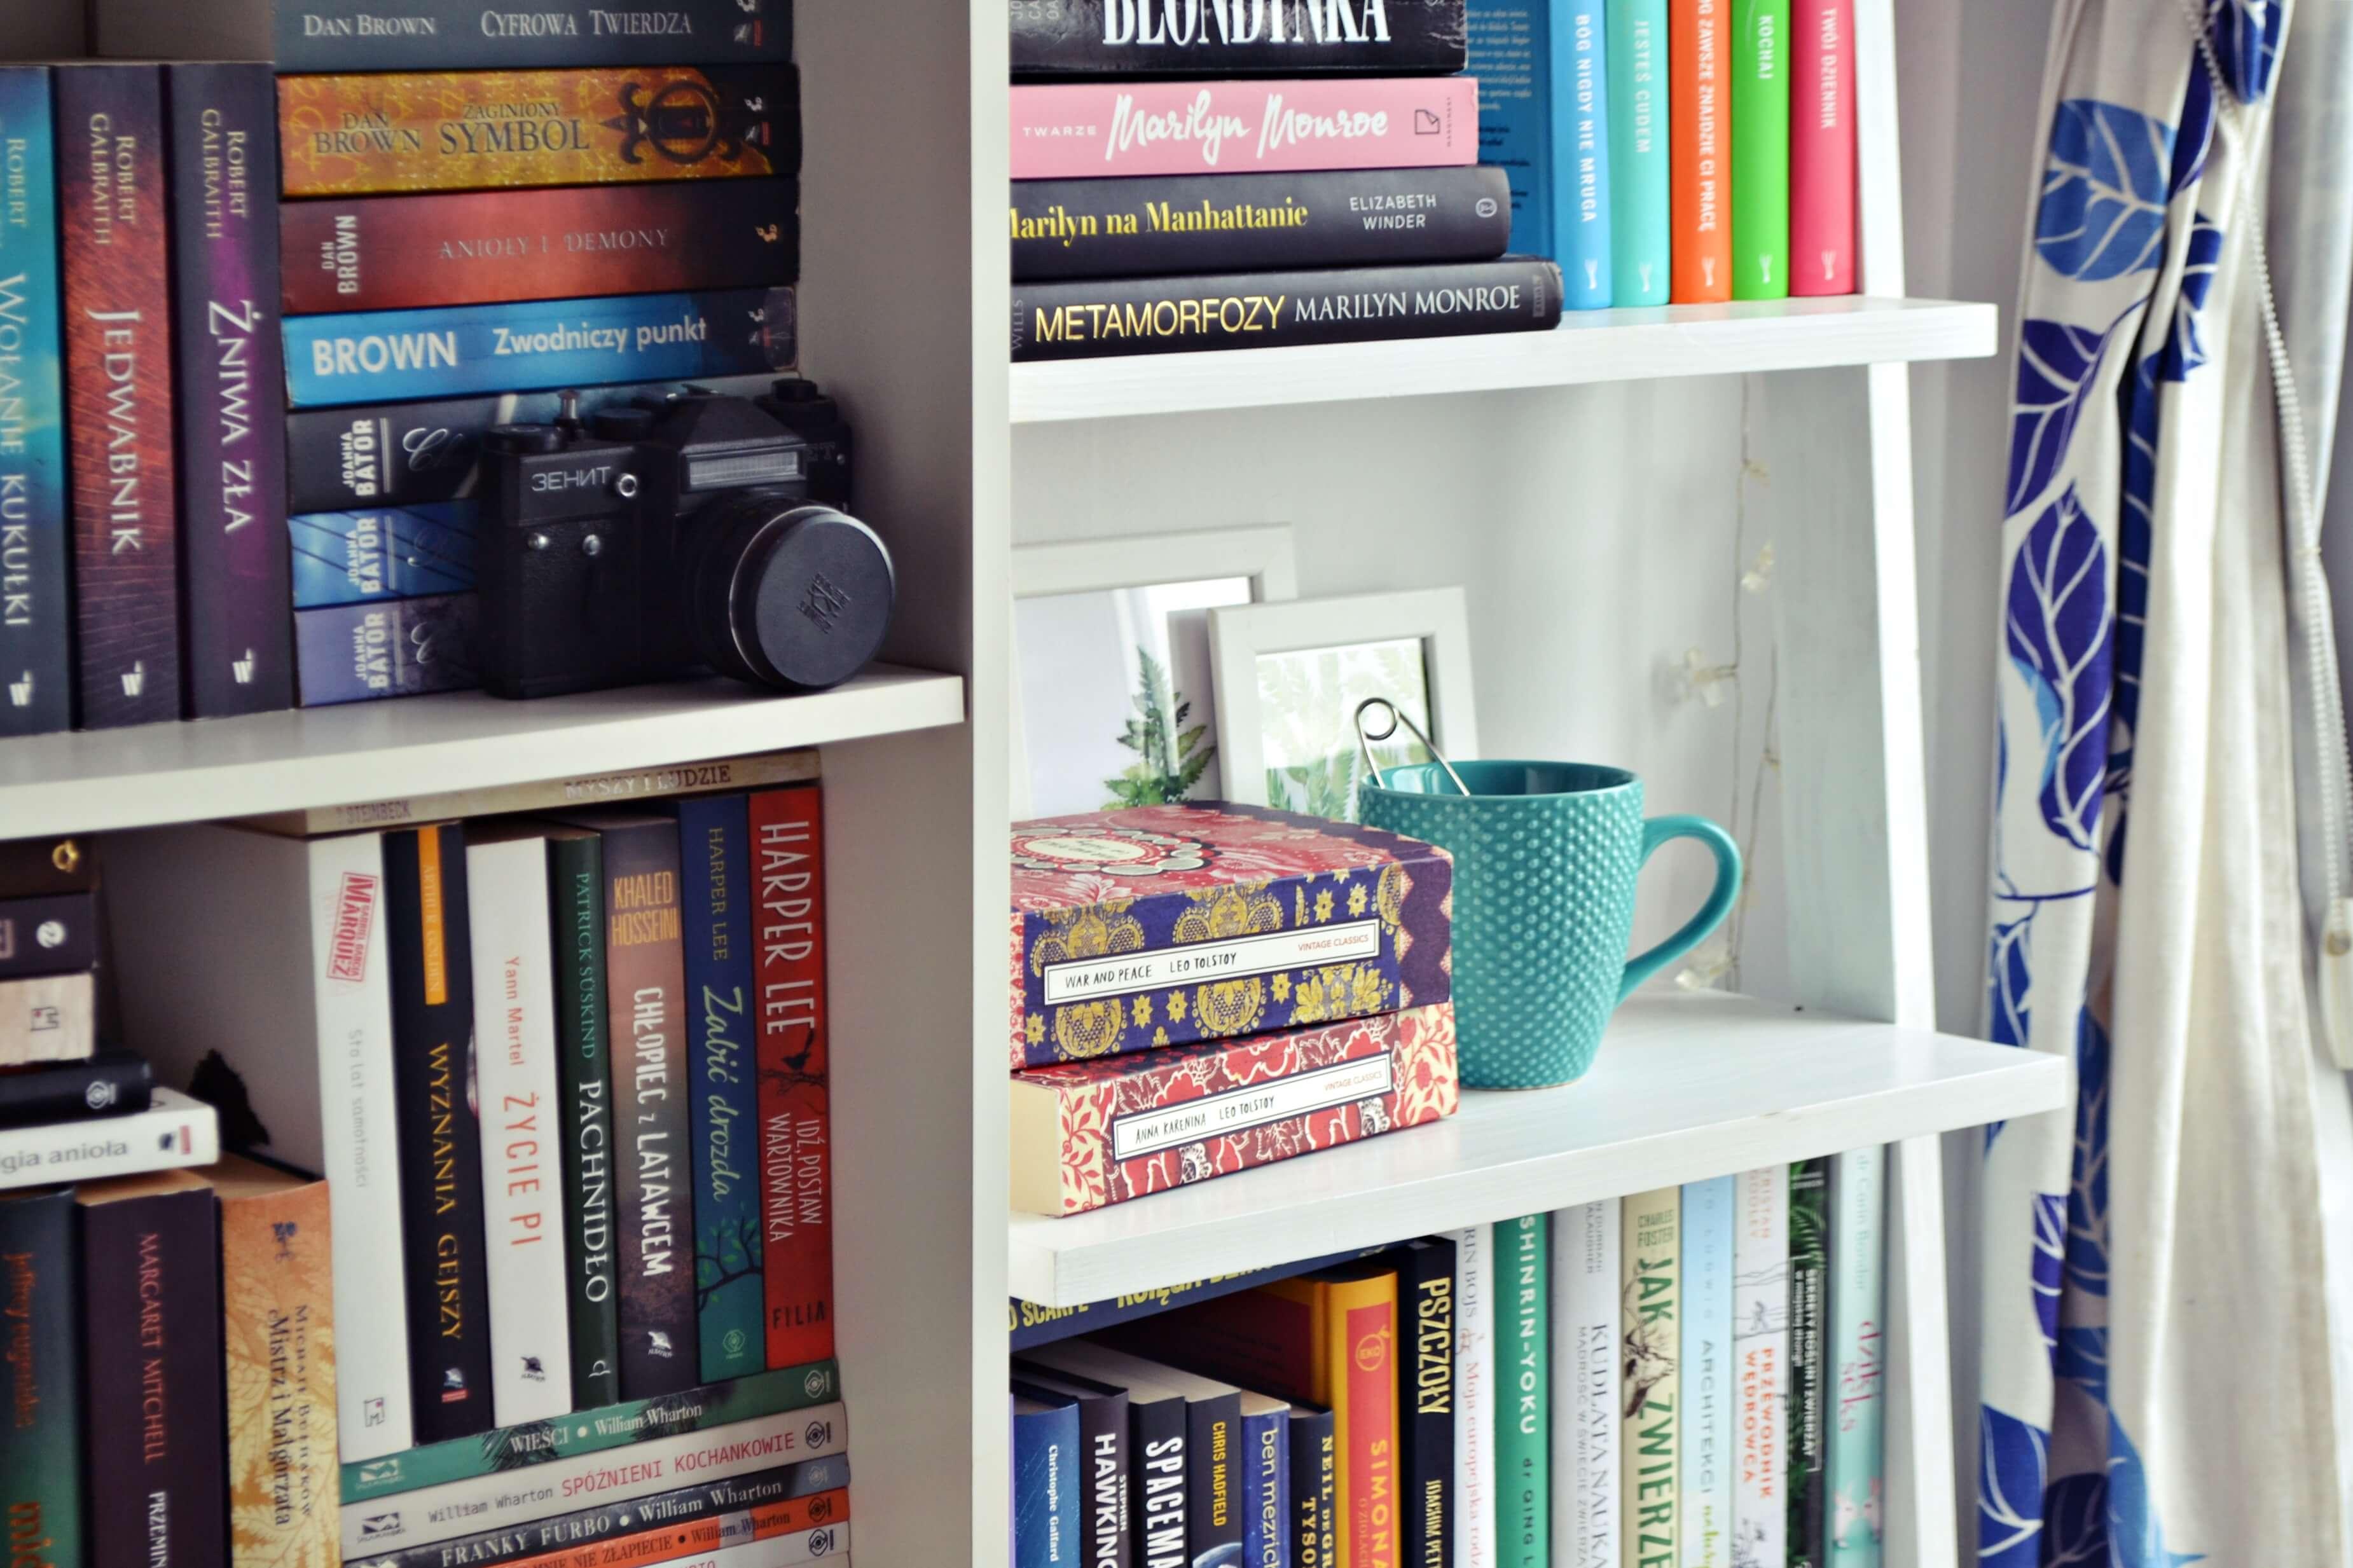 Bibliofilem być recenzje książek, współpraca z blogerami